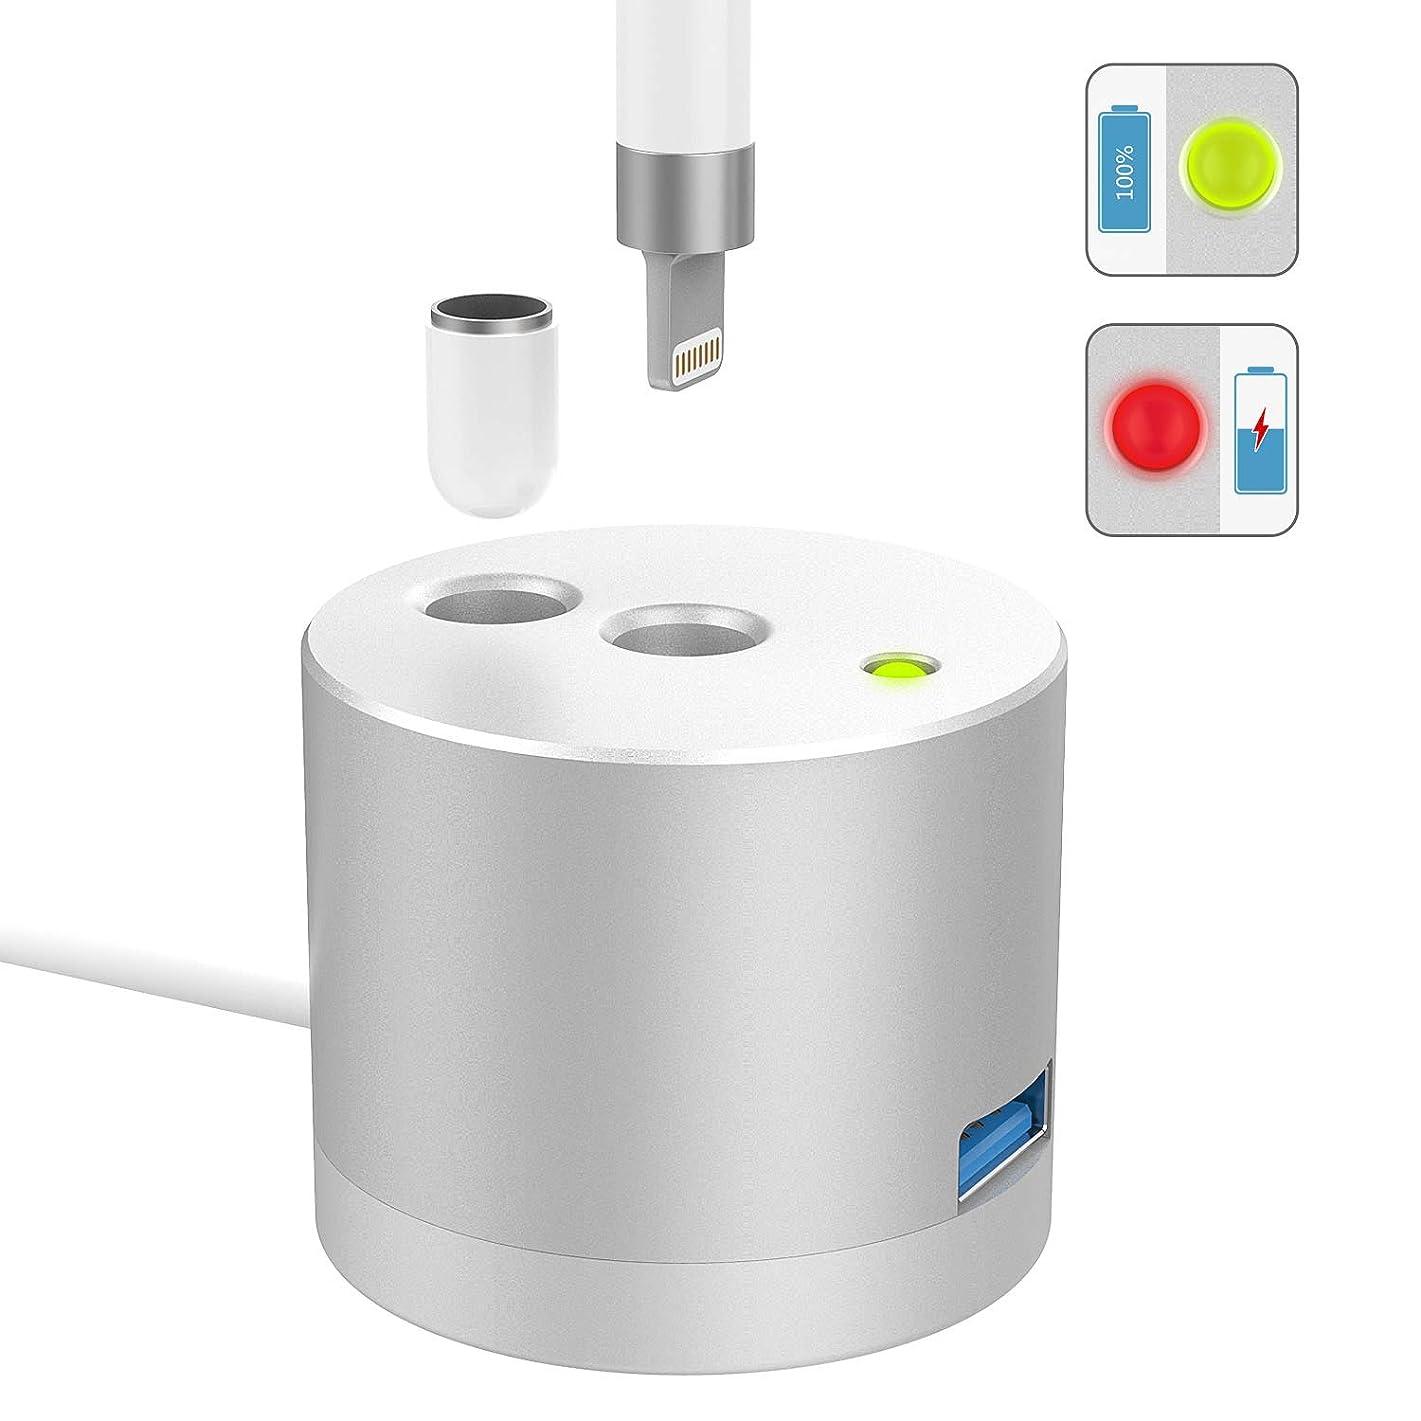 群集詳細なワイヤーApple Pencil充電器 スタンド チャージャー 2in1 ATiC Apple Pencil専用 紛失防止 アルミニウム合金製 滑り止め アップル ペンシル充電ドック 充電指示ランプ付き Silver